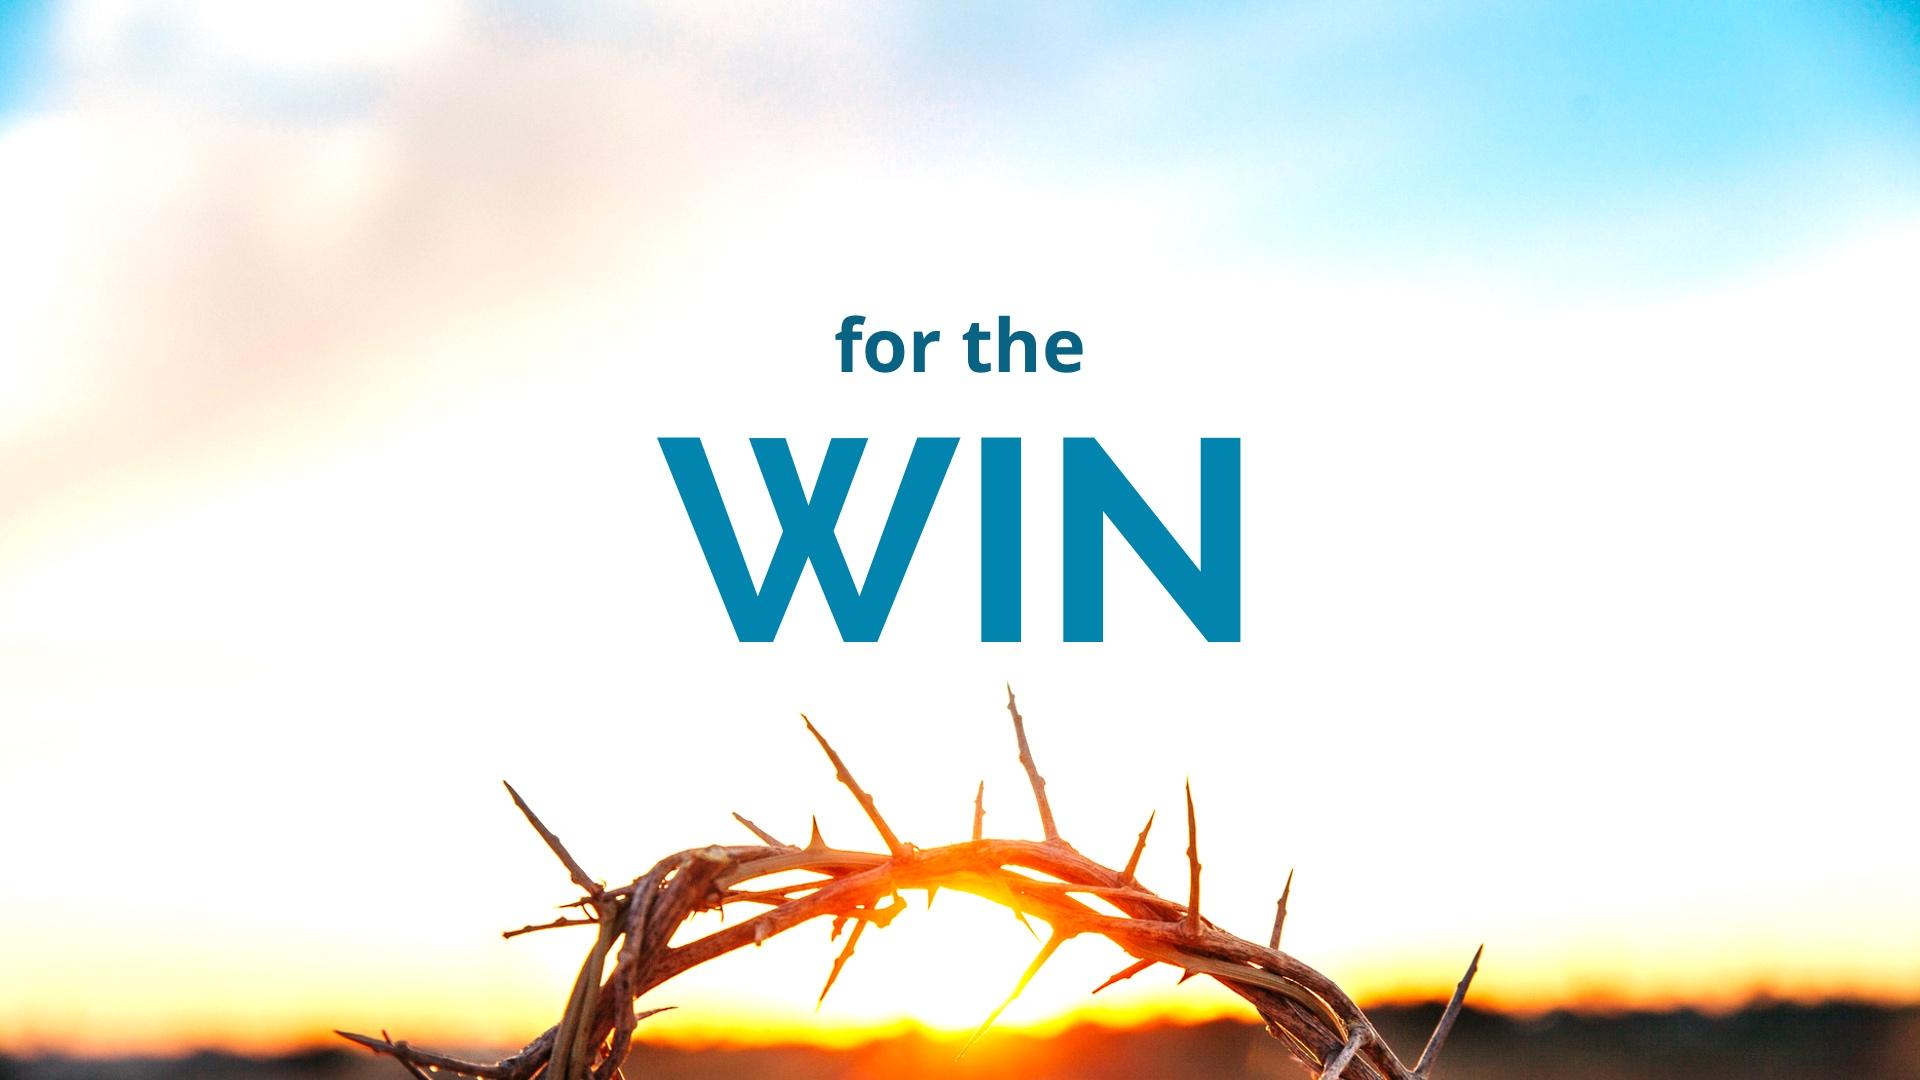 Sermon Series on Spiritual Warfare: For the Win